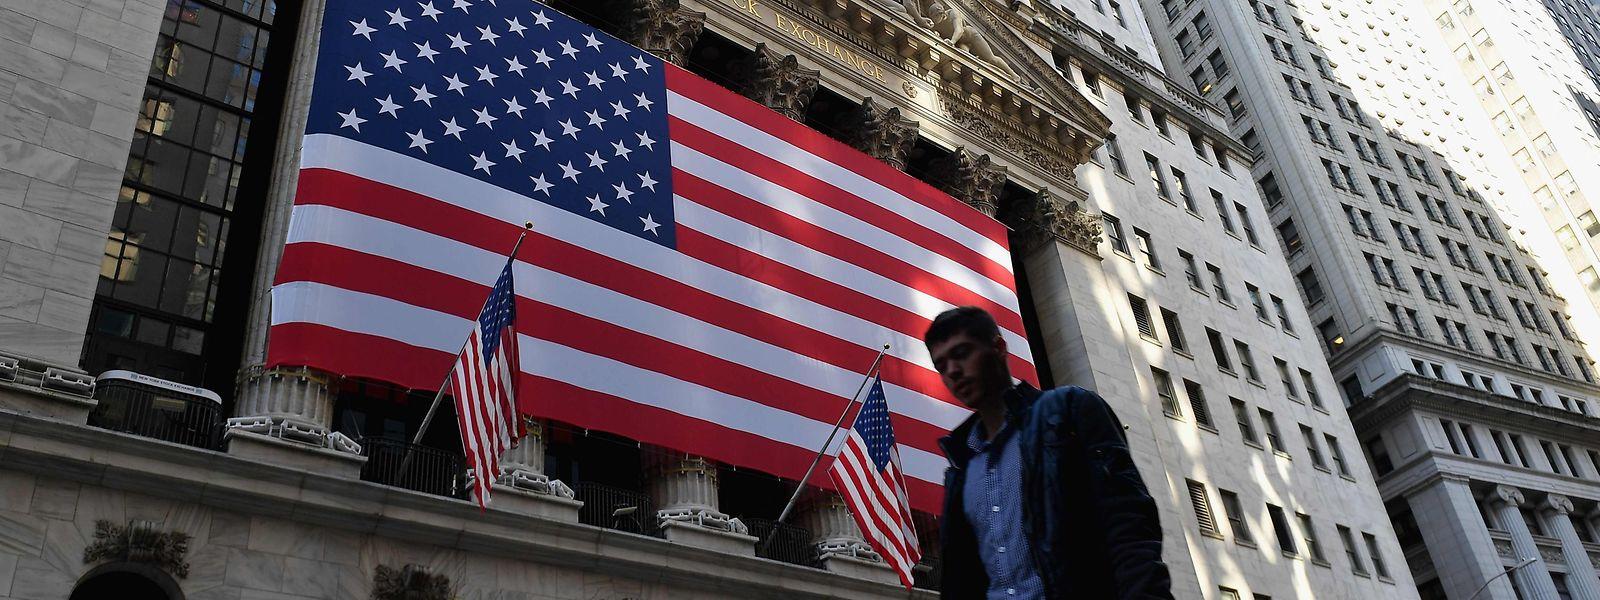 Die Aktienkurse explodierten, der Leitindex Dow Jones übersprang kurz vor dem Thanksgiving-Feiertag erstmals die Marke 30.000.